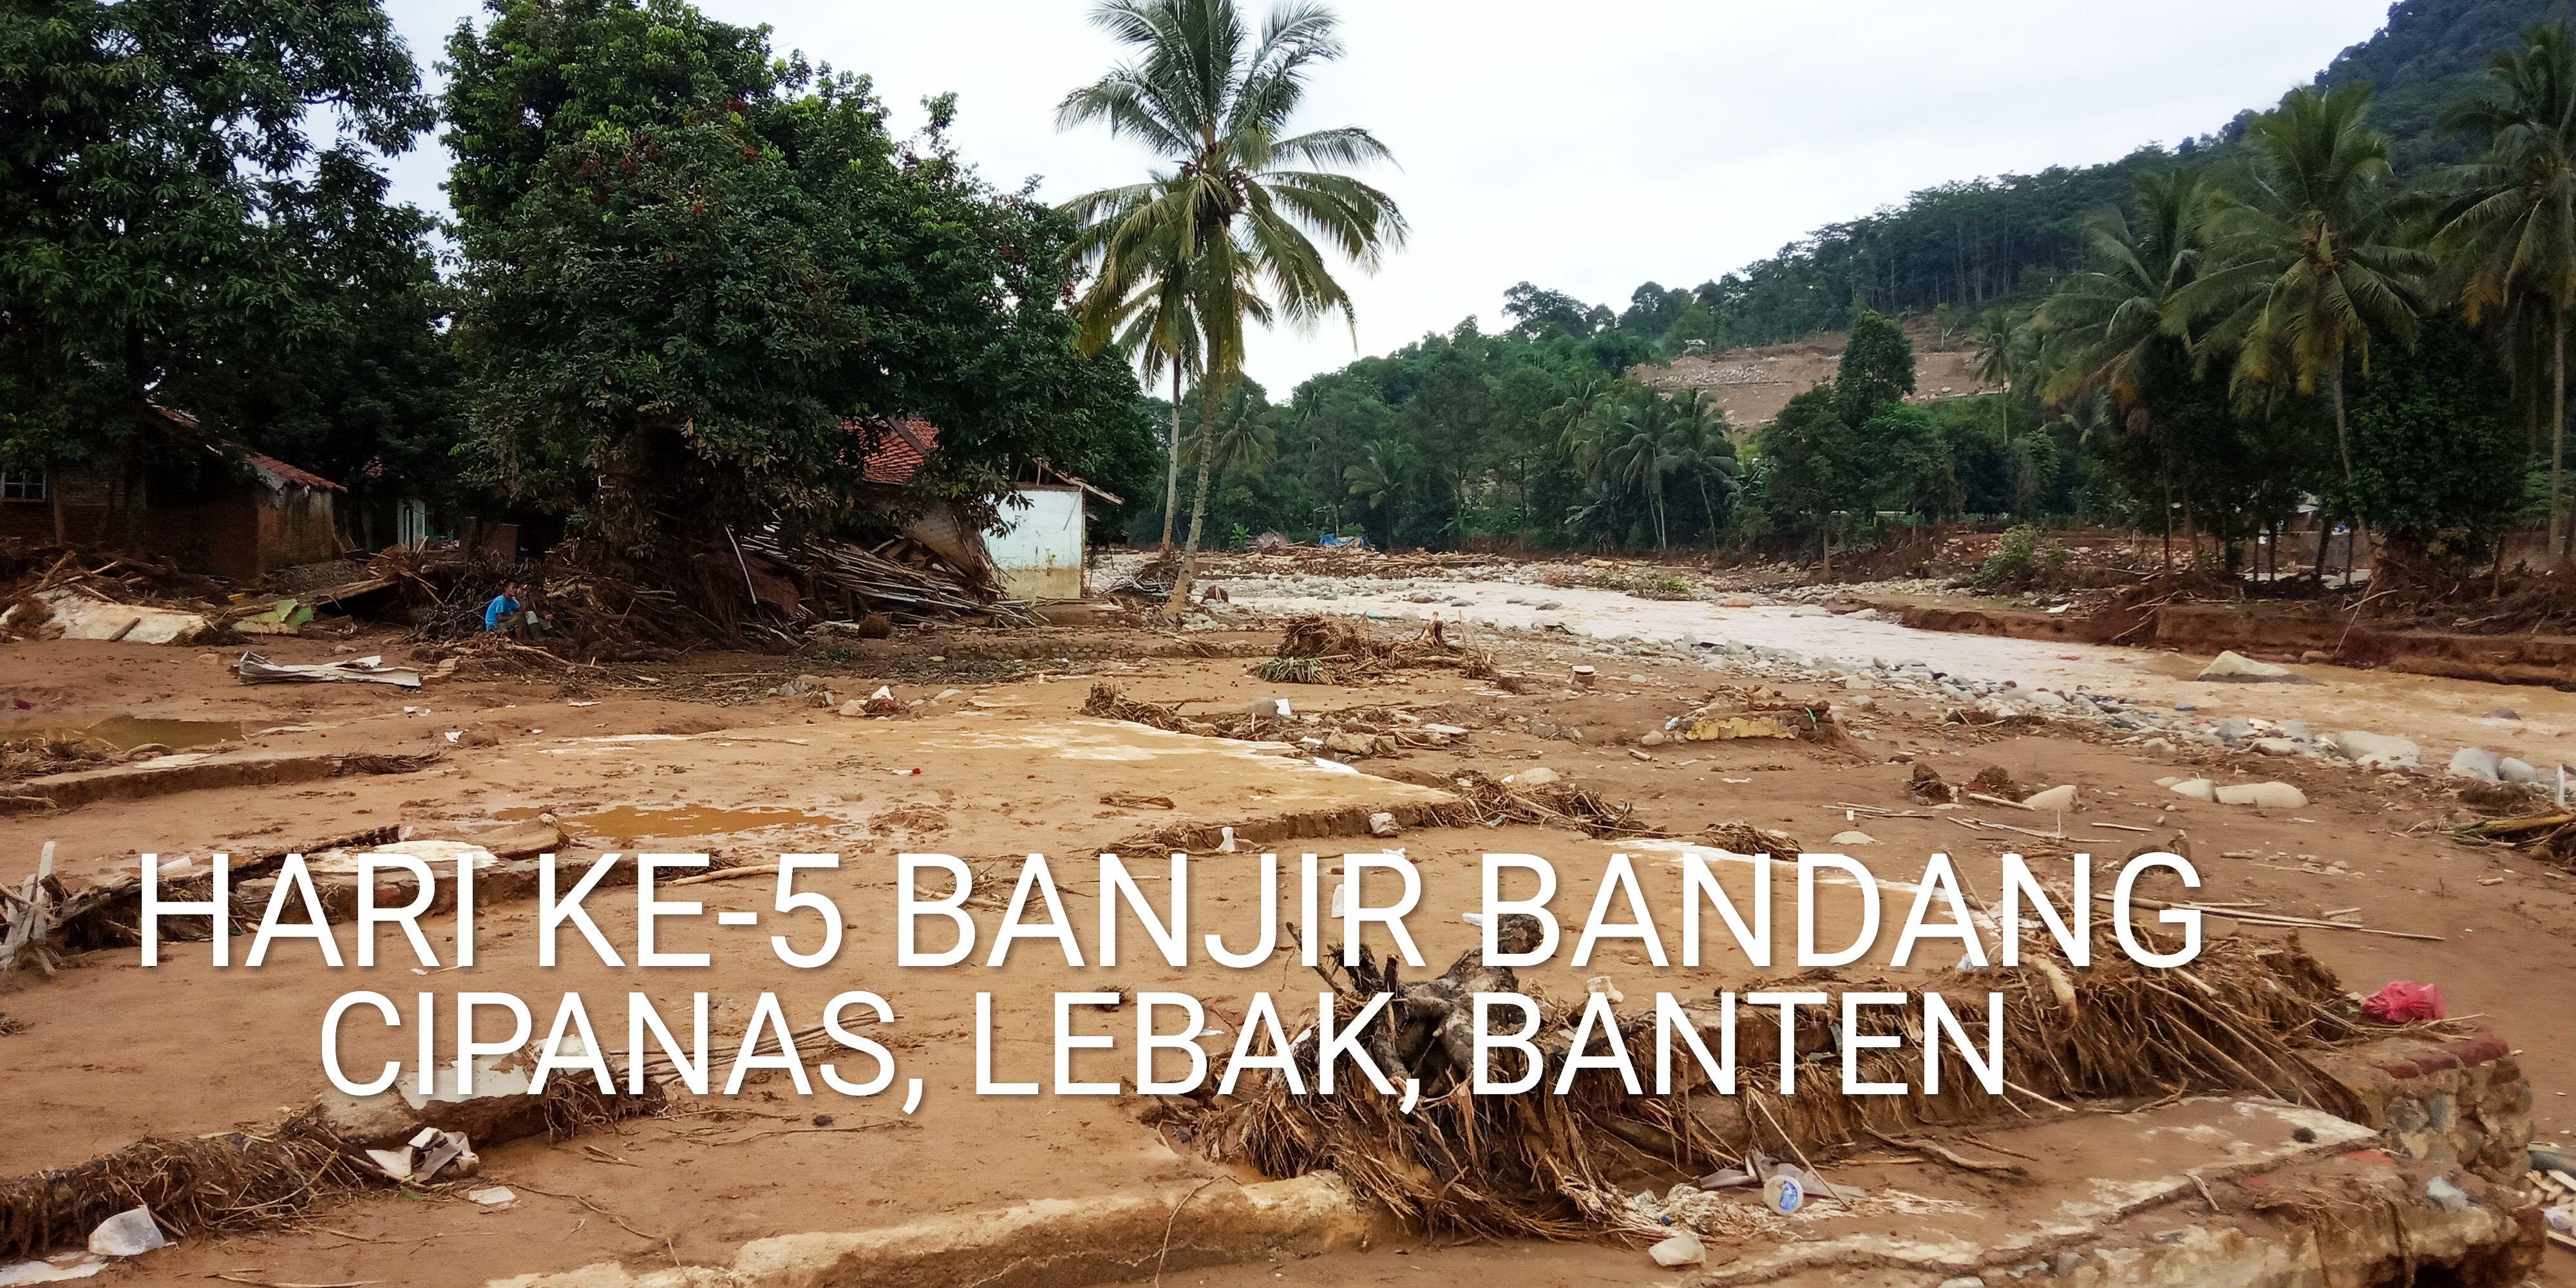 Arief P Suwendi Hari Ke 5 Pasca Banjir Bandang Cipanas